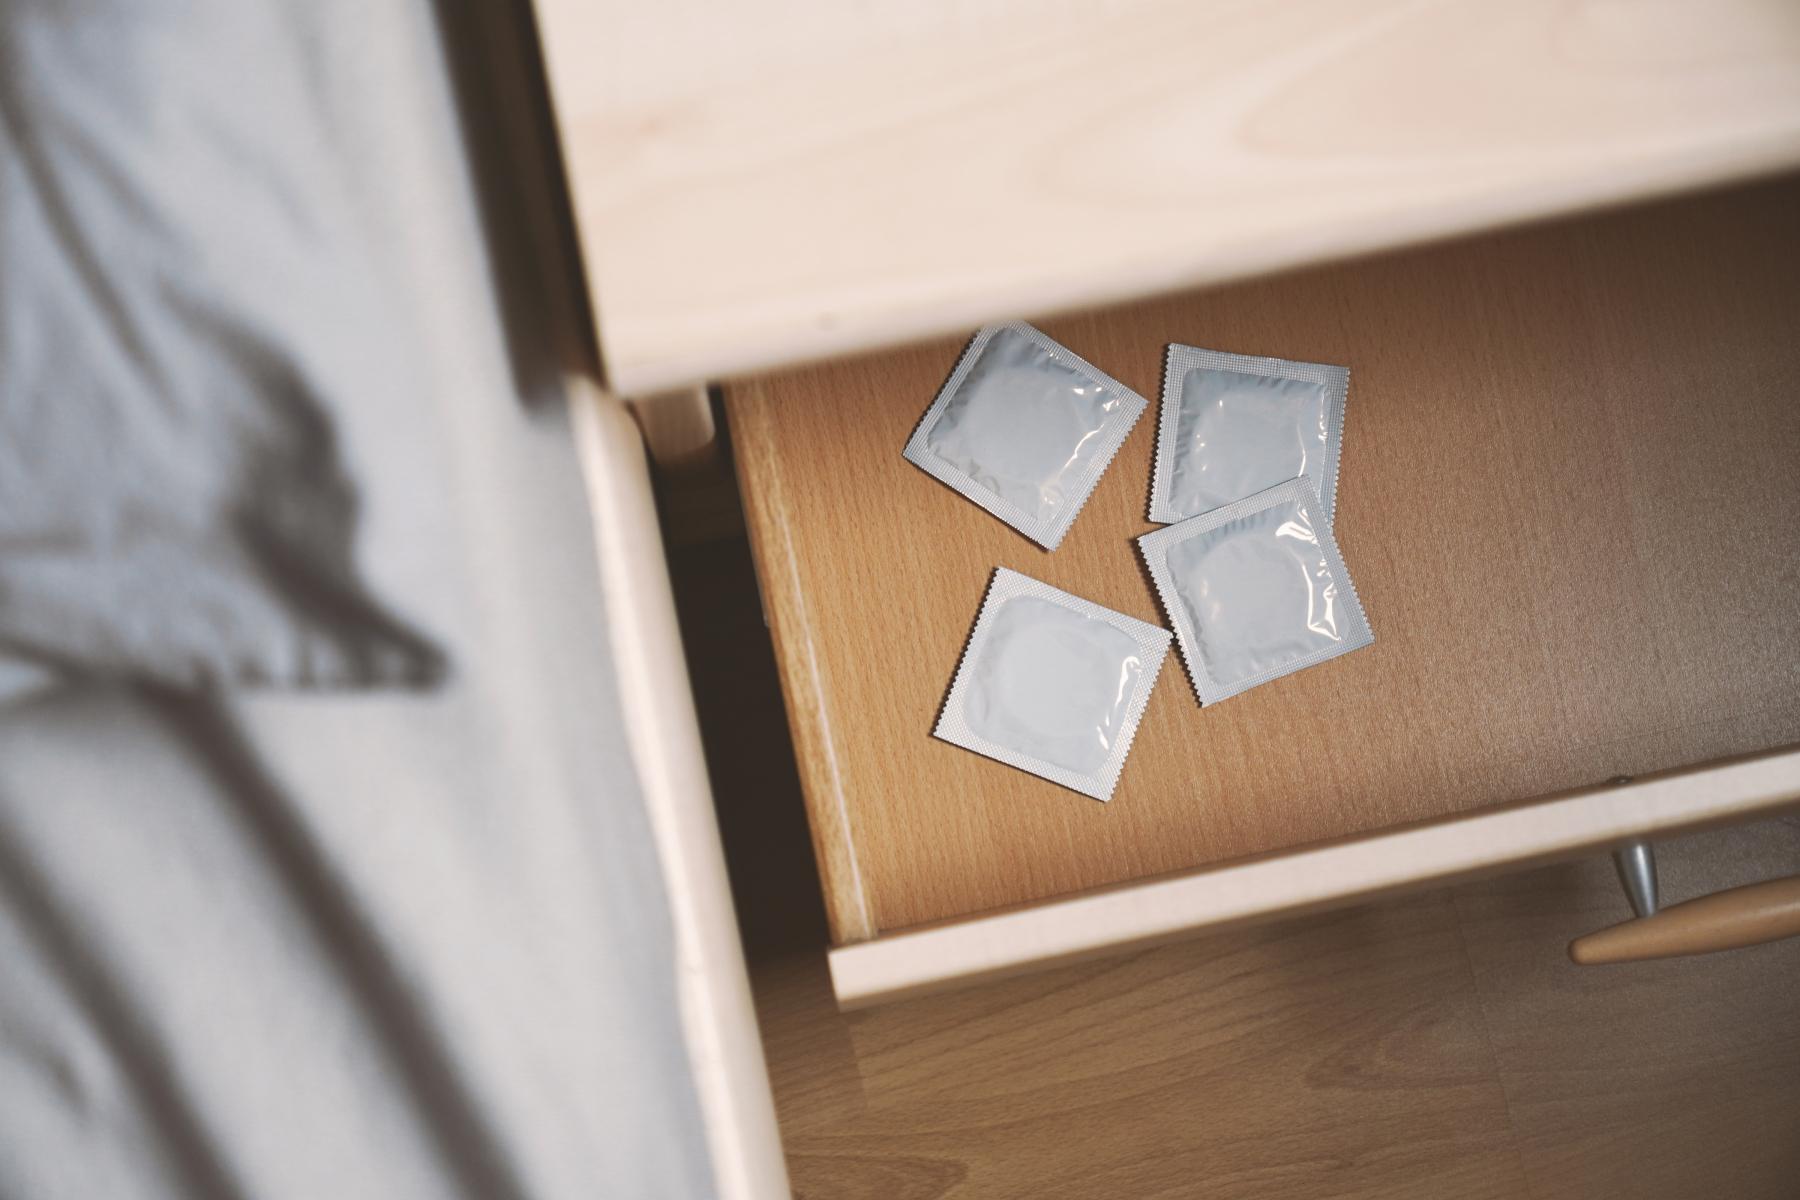 Kondomer ligger i nattbordskuffen.